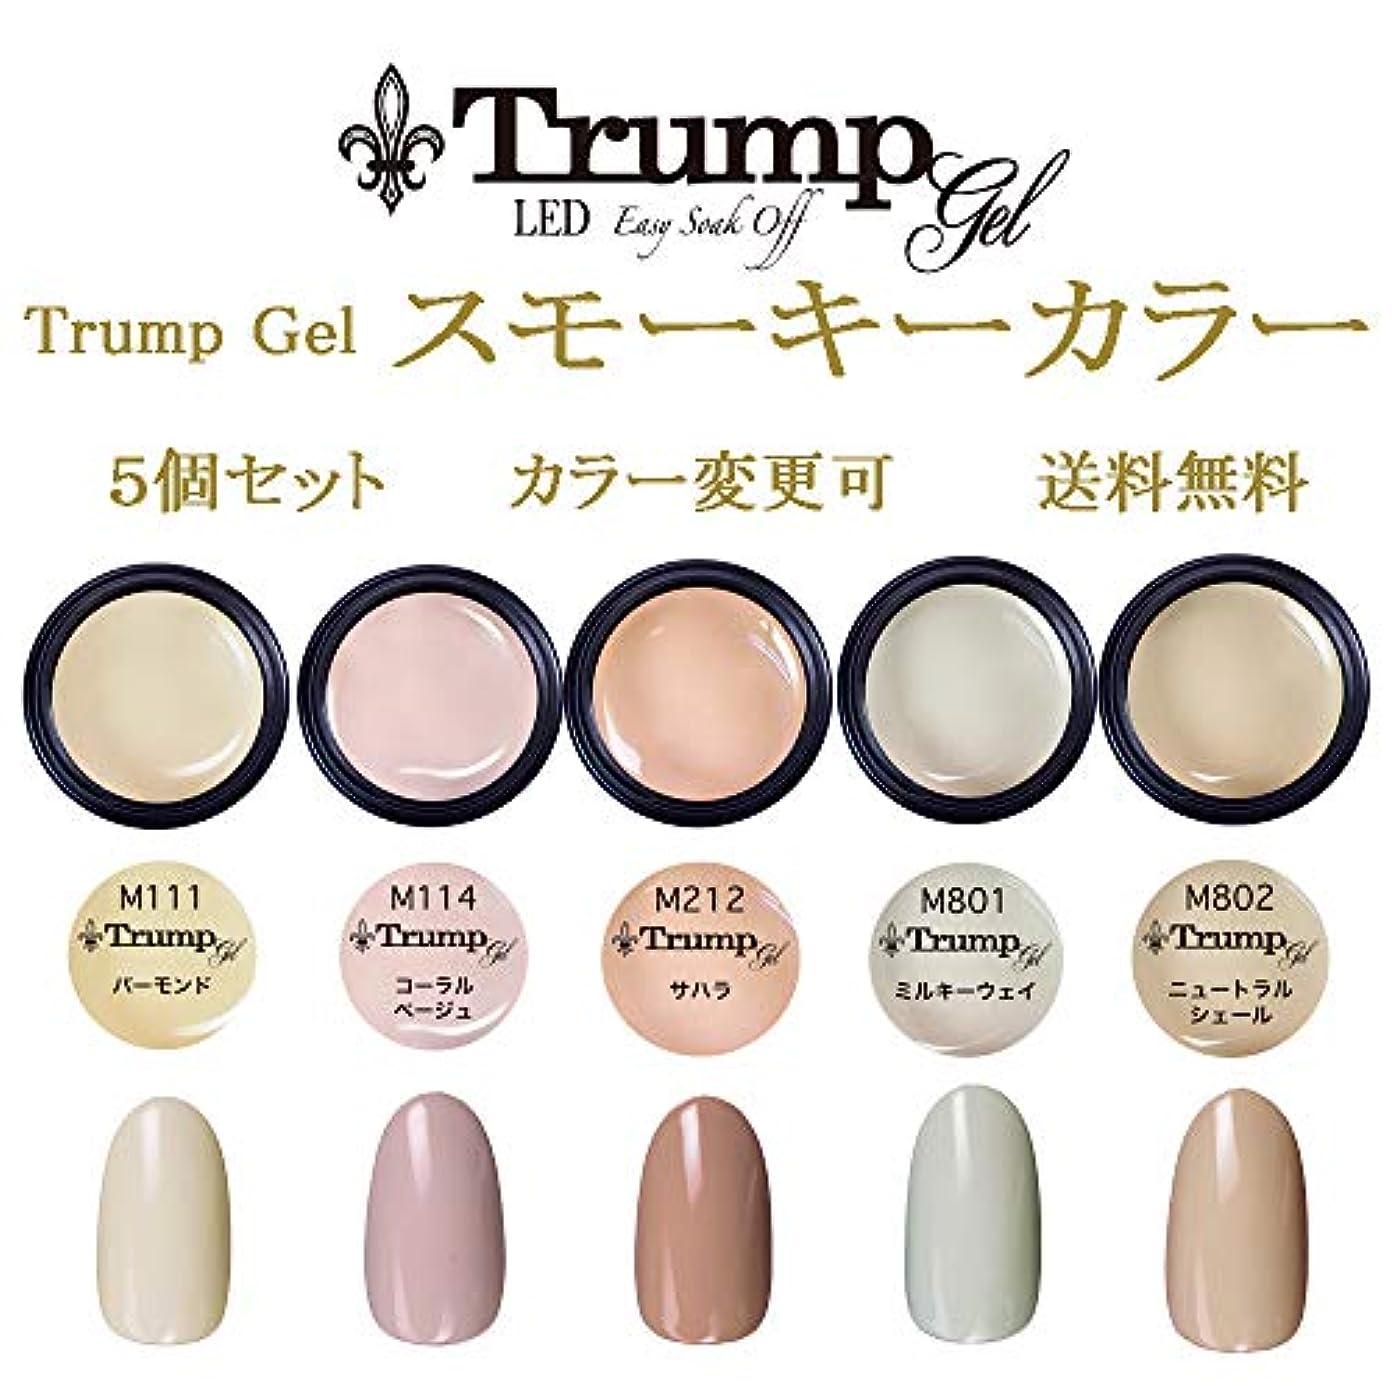 七時半外交問題遊具日本製 Trump gel トランプジェル スモーキーカラー 選べる カラージェル 5個セット スモーク ベージュ グレー ブラウン ピンク